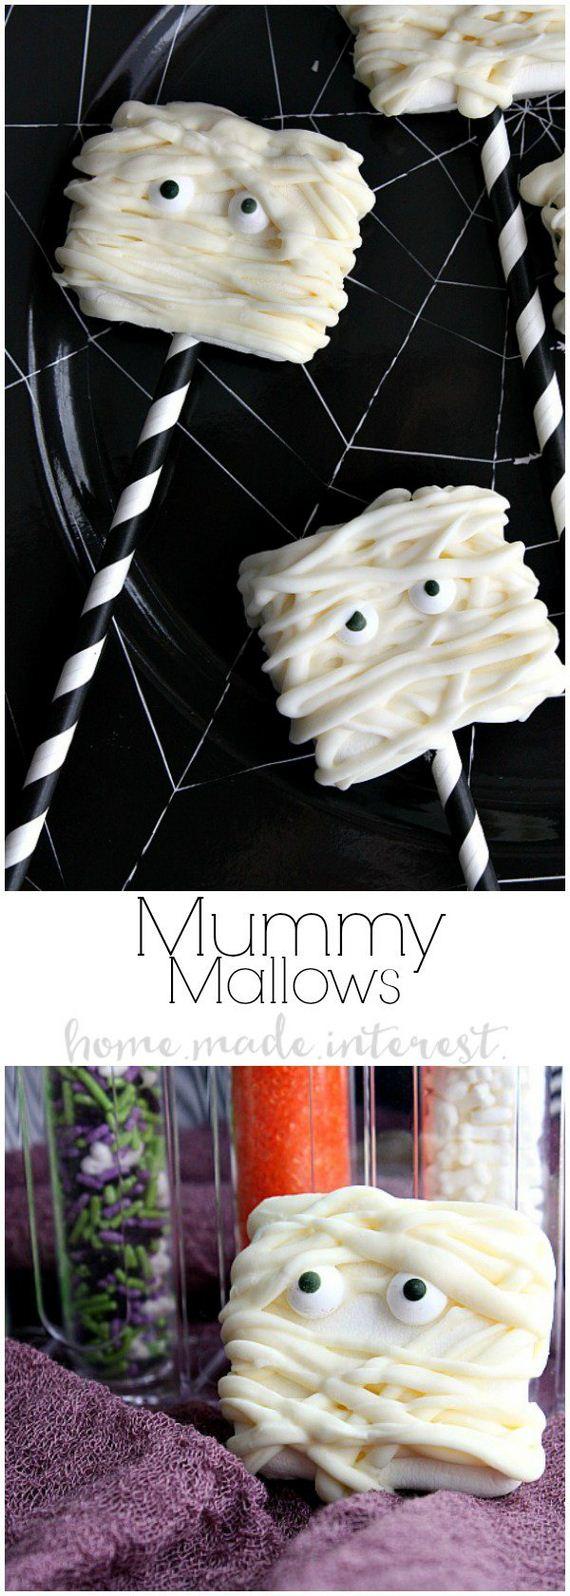 08-fun-tasty-halloween